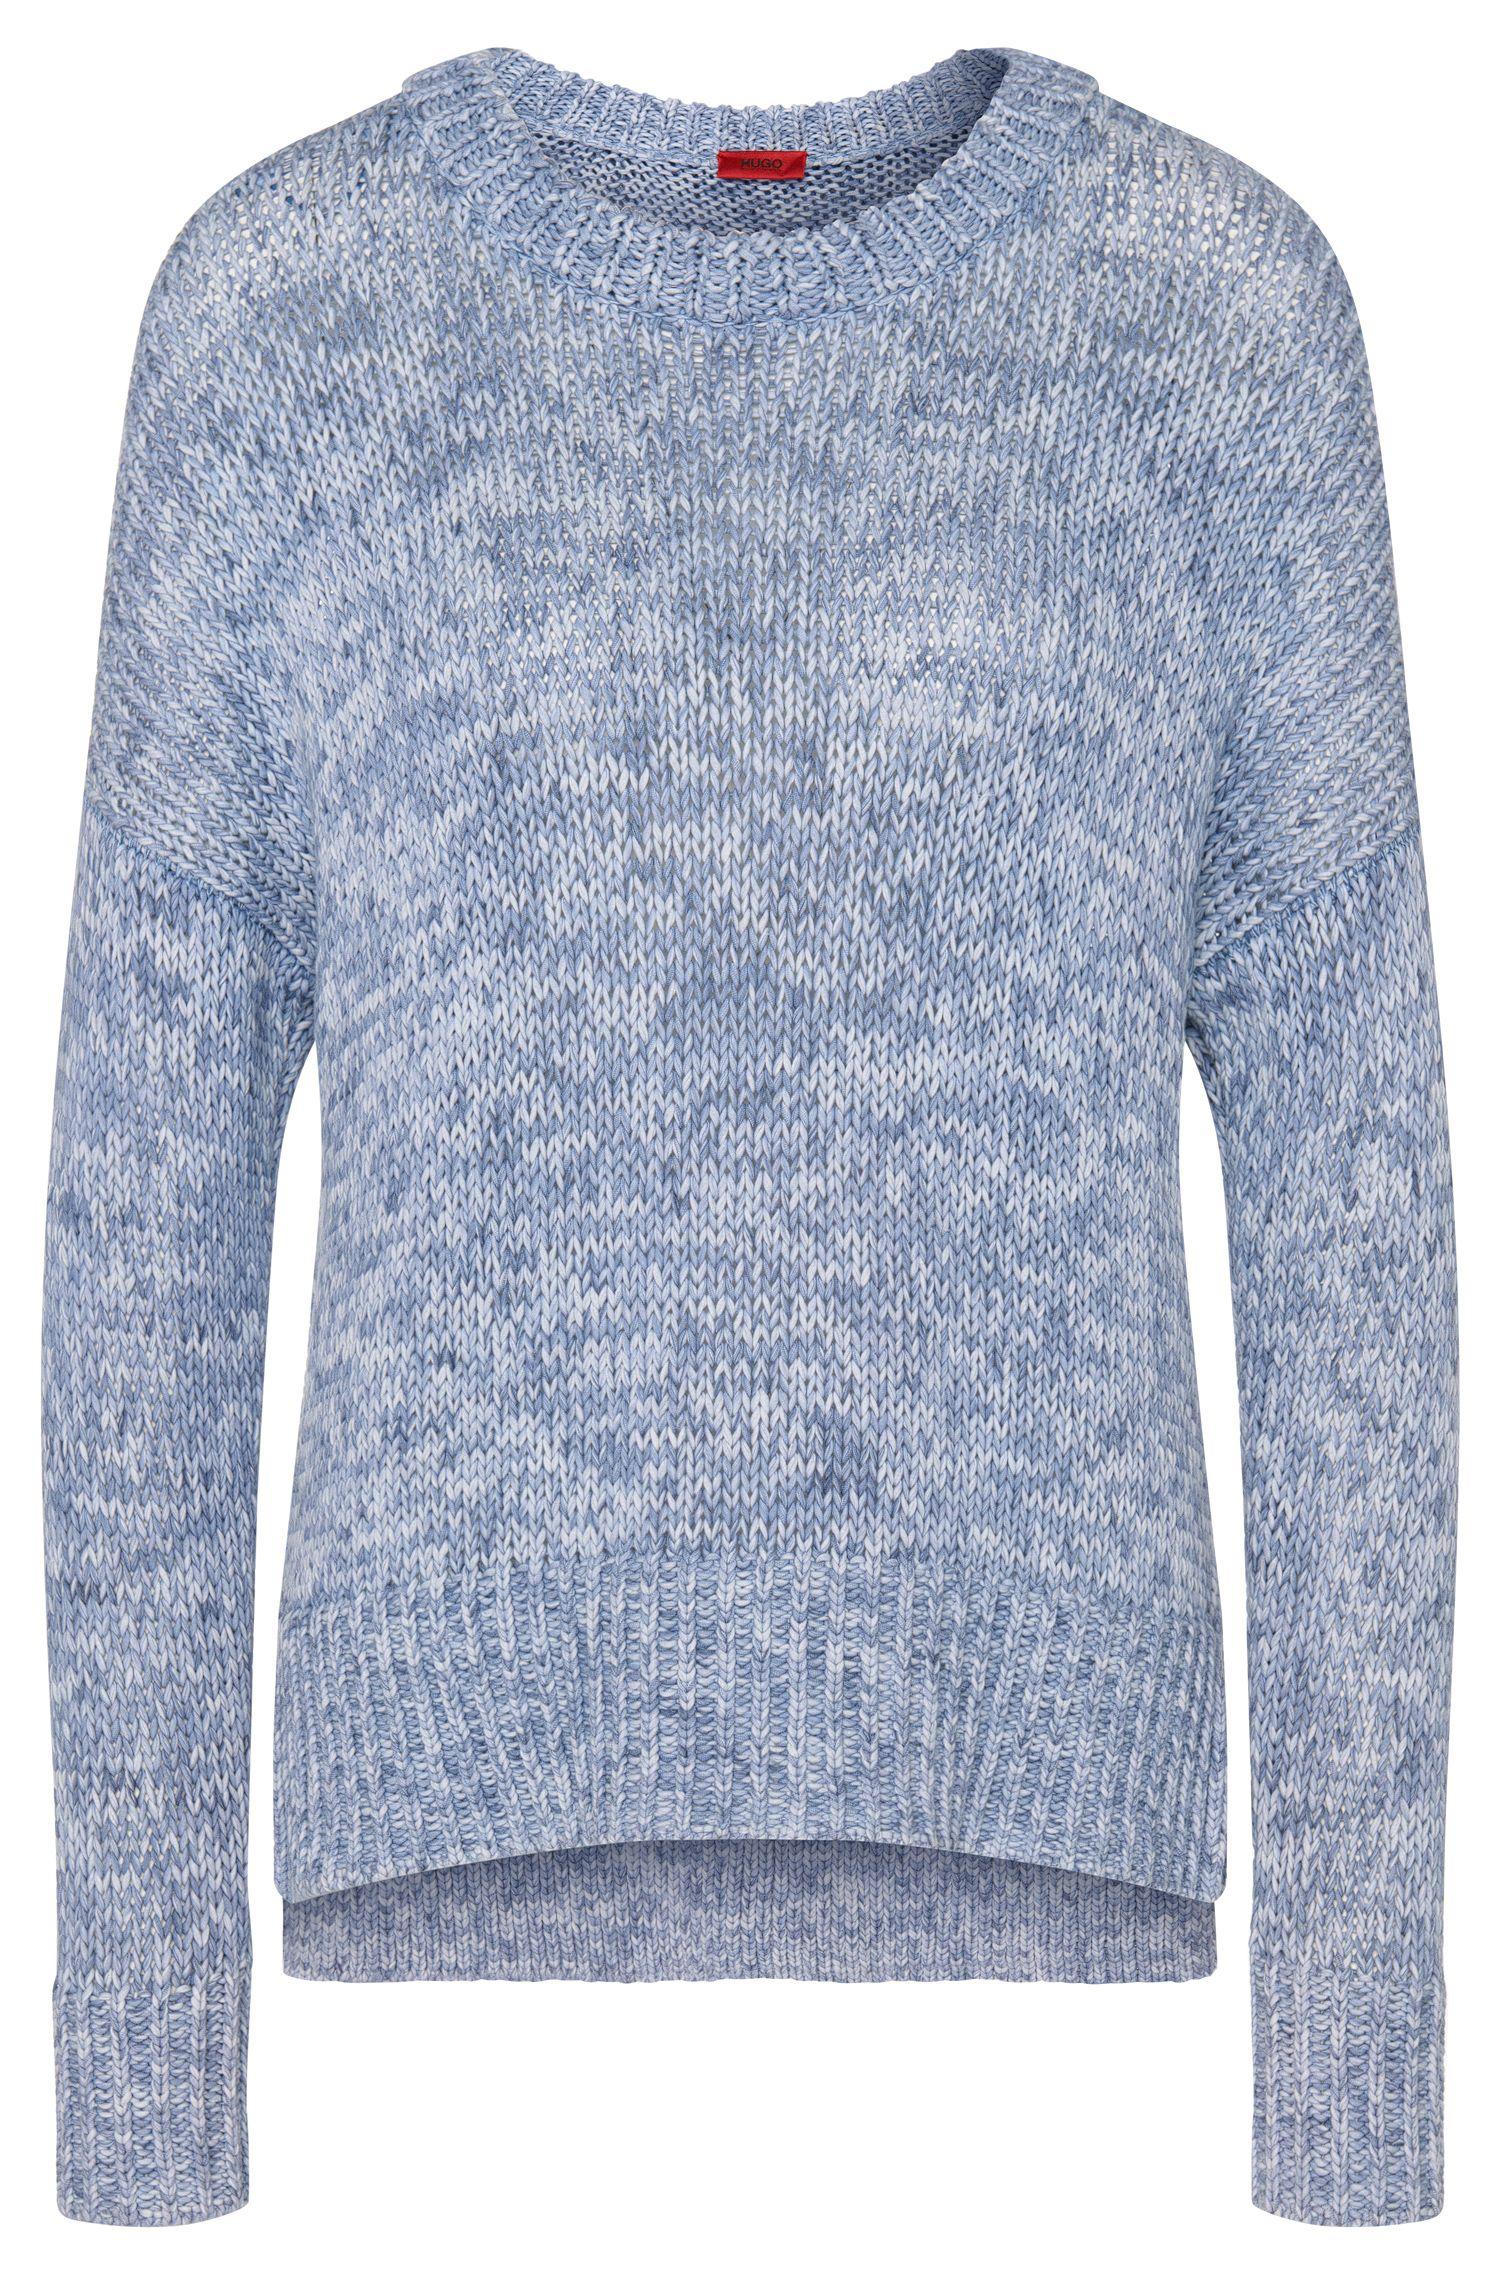 Melierter Pullover aus reiner Baumwolle: 'Sheilah'